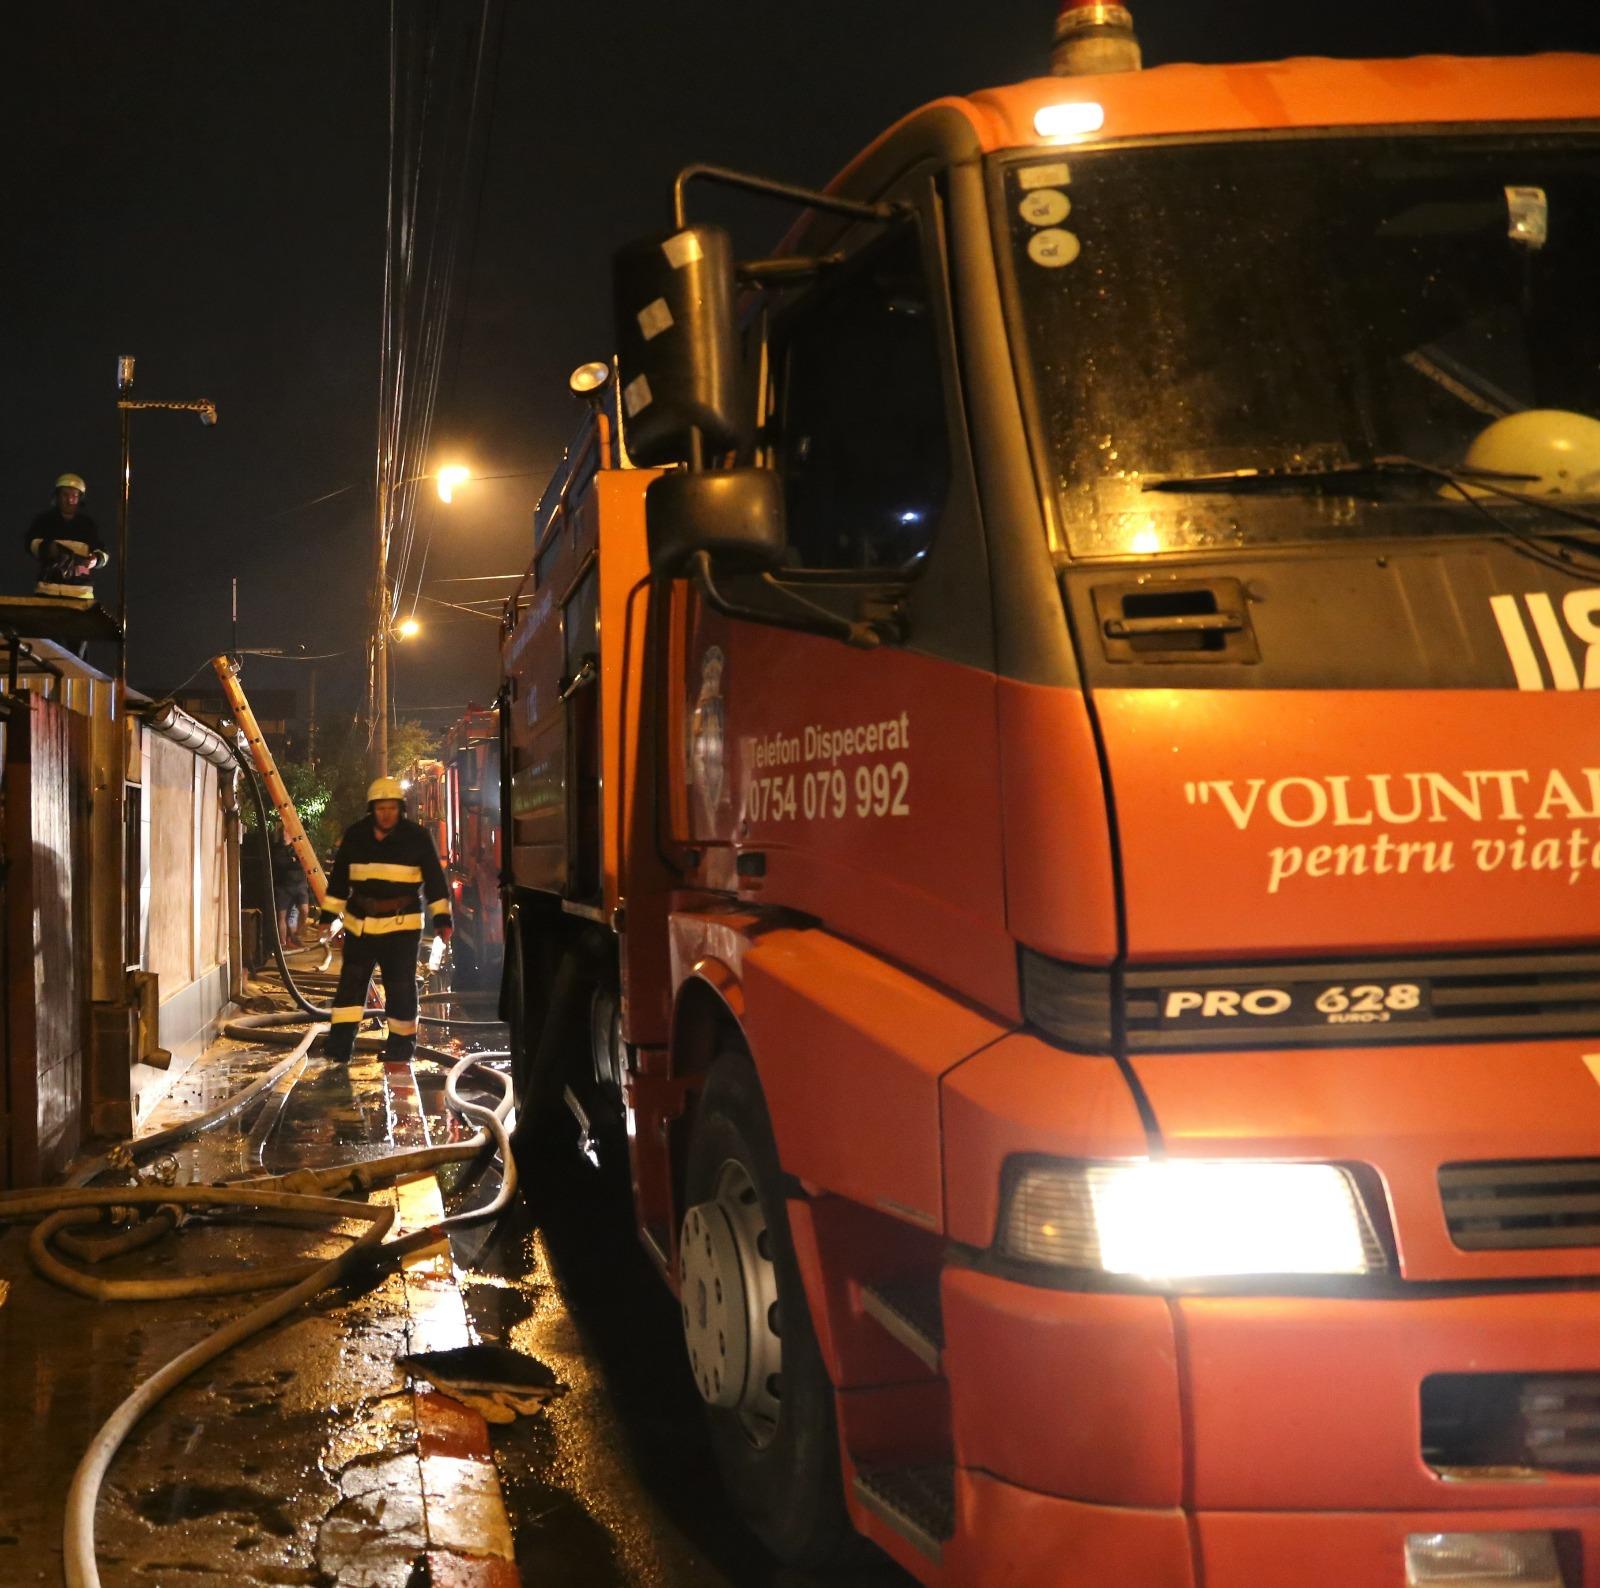 Incendiu violent în apropiere de Bucureşti: O persoană a fost transportată la spital   FOTO, VIDEO